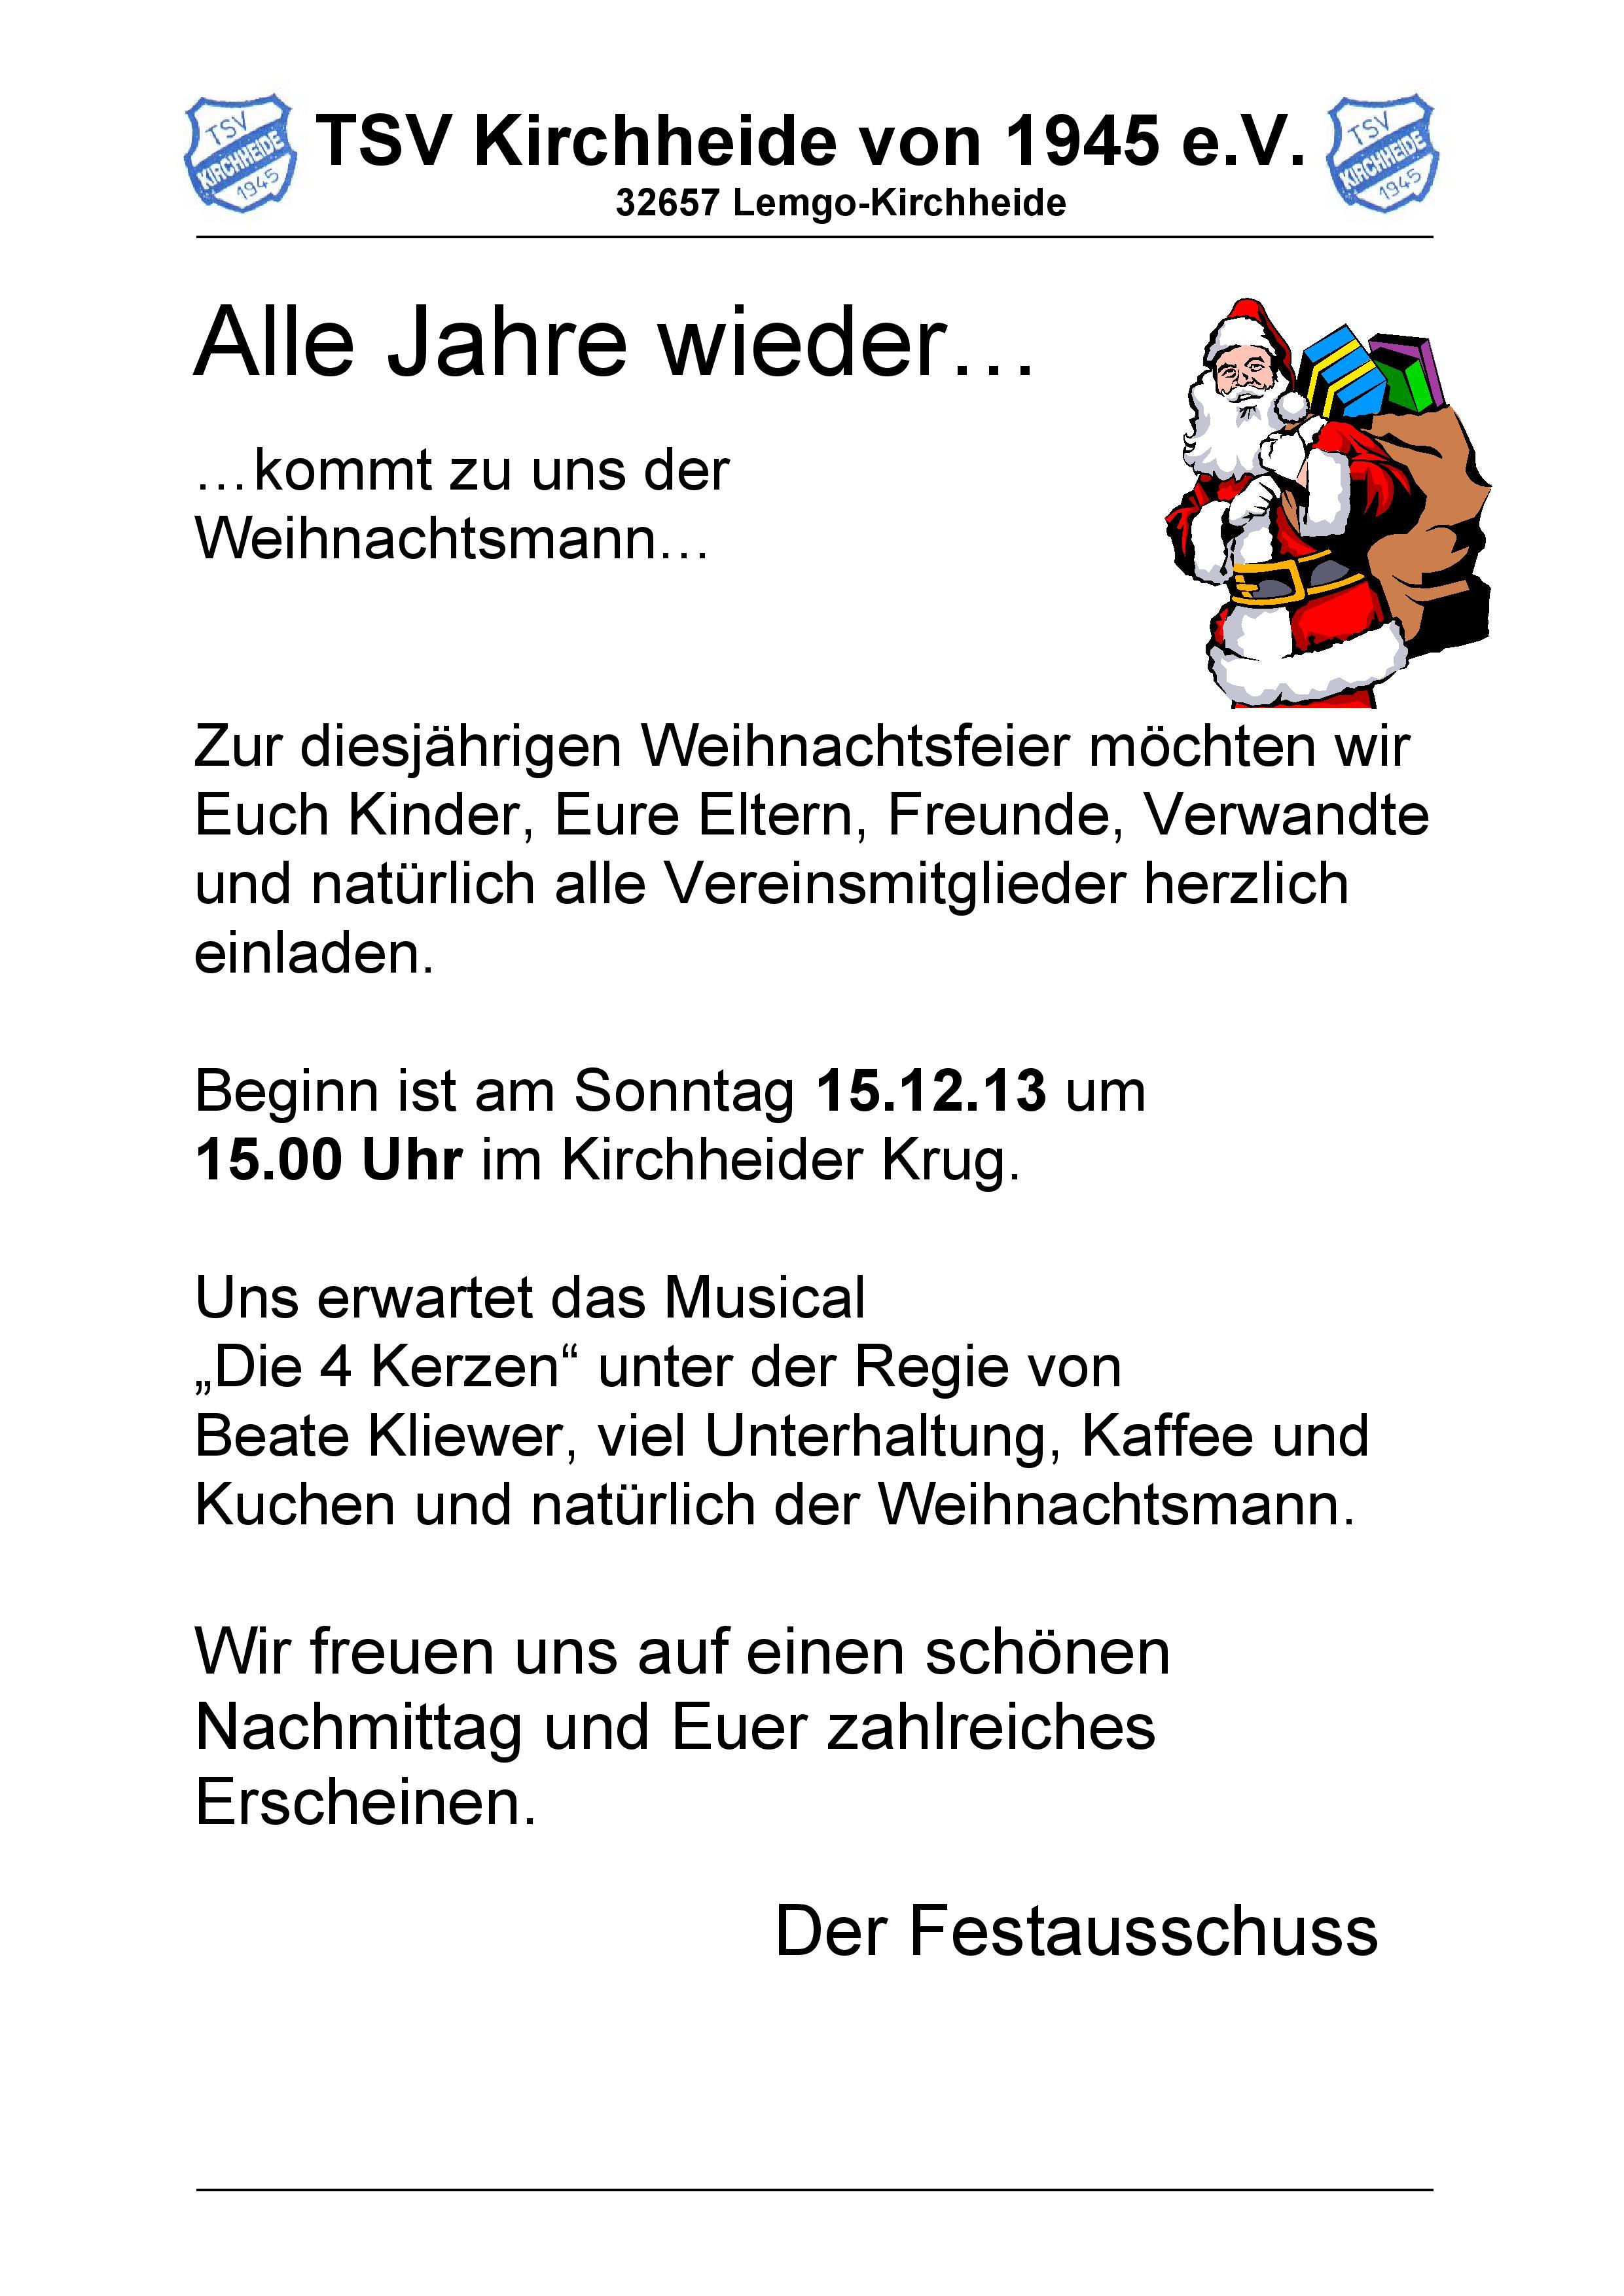 einladung kollegen zur weihnachtsfeier vorlage - einladung hochzeit, Einladung